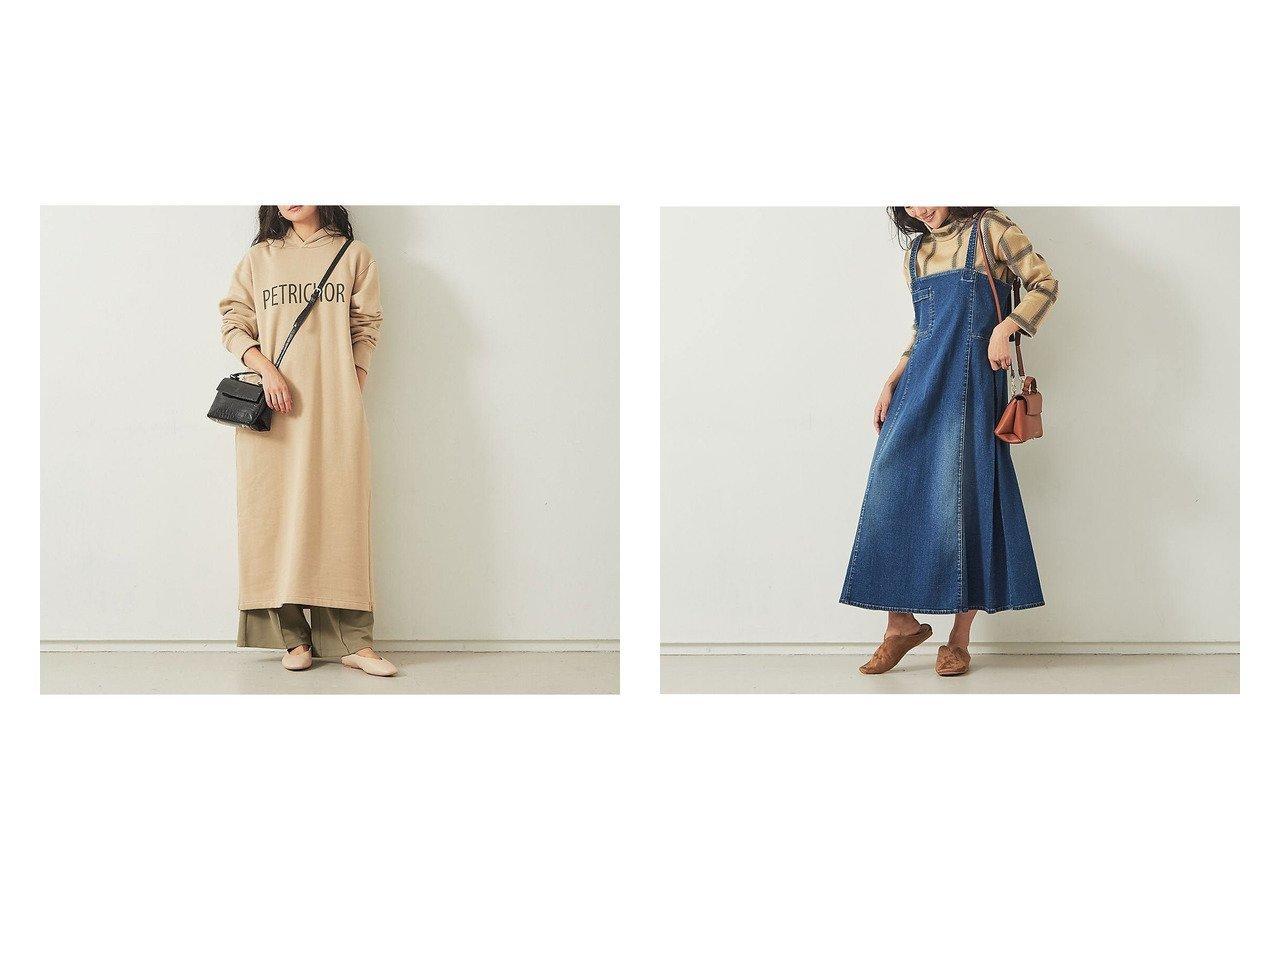 【Rouge vif la cle/ルージュヴィフラクレ】の【Mylanka】ロゴパーカーワンピース&【Mylanka】ストレッチデニムワンピース ワンピース・ドレスのおすすめ!人気、トレンド・レディースファッションの通販 おすすめで人気の流行・トレンド、ファッションの通販商品 メンズファッション・キッズファッション・インテリア・家具・レディースファッション・服の通販 founy(ファニー) https://founy.com/ ファッション Fashion レディースファッション WOMEN ワンピース Dress 2020年 2020 2020-2021 秋冬 A/W AW Autumn/Winter / FW Fall-Winter 2020-2021 A/W 秋冬 AW Autumn/Winter / FW Fall-Winter パーカー リラックス ロング ワイド インディゴ カットソー サロペット シンプル ストレッチ デニム フレア |ID:crp329100000016184